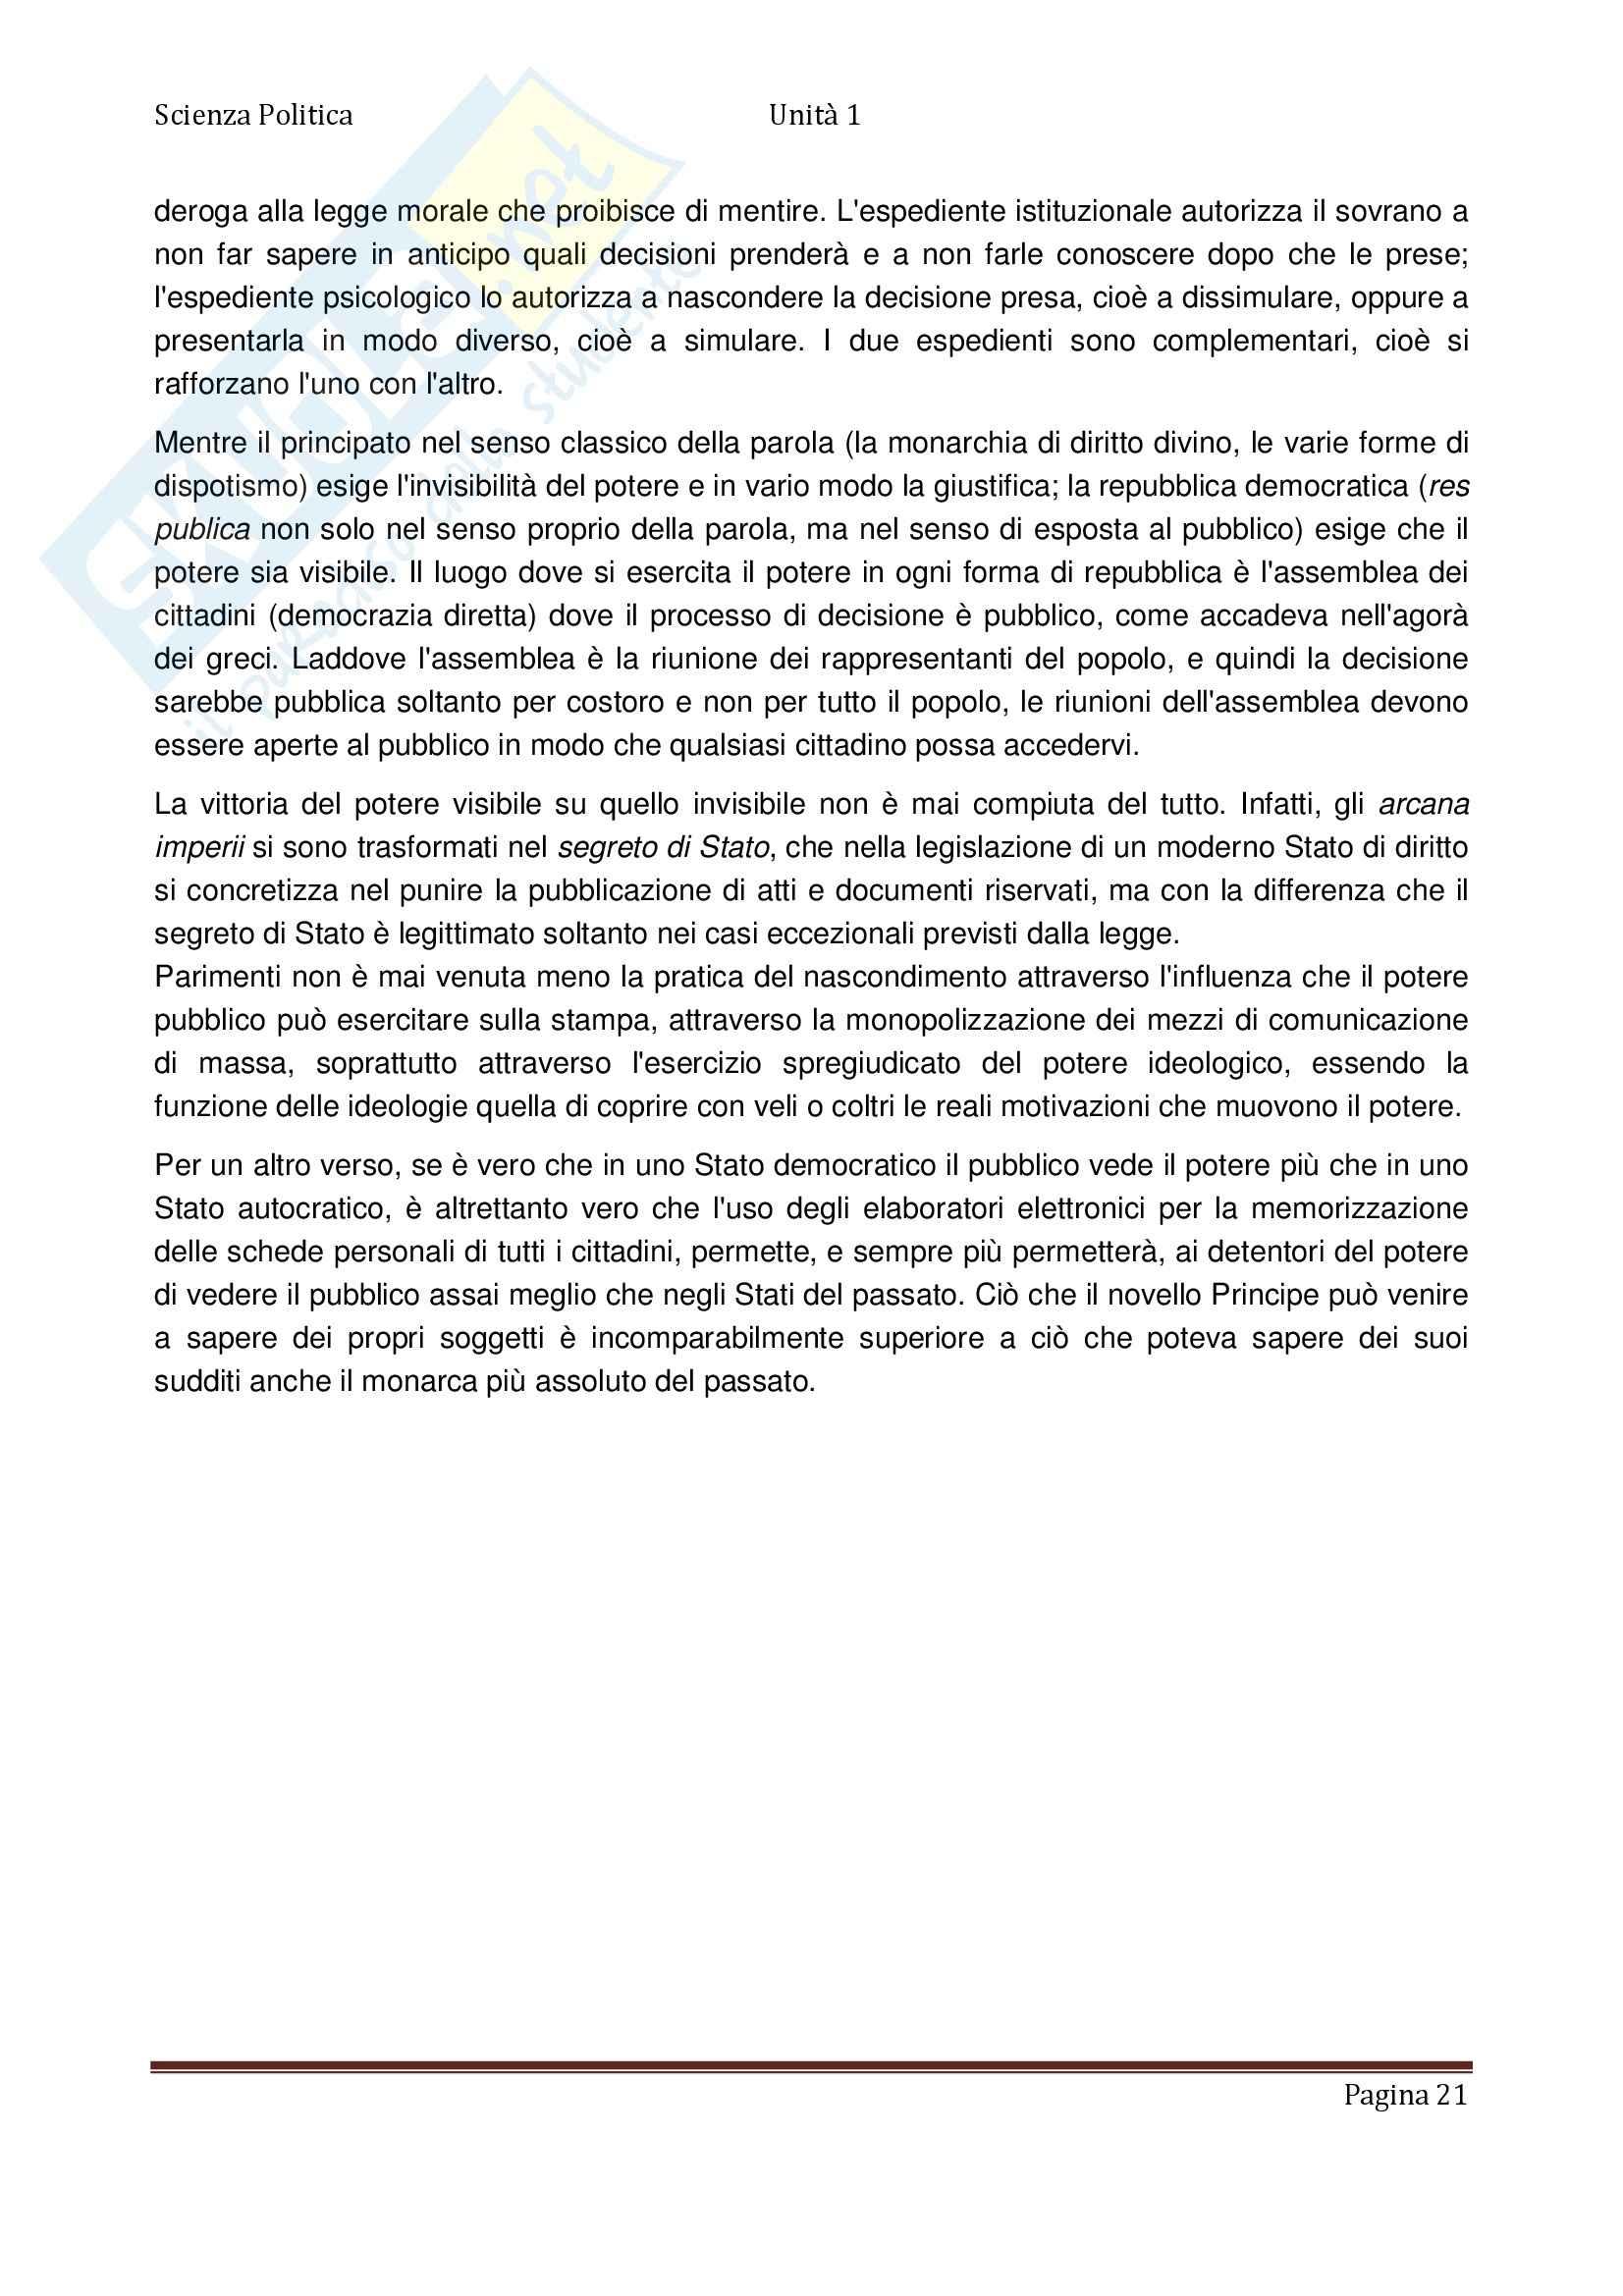 Scienza politica - Appunti Pag. 21